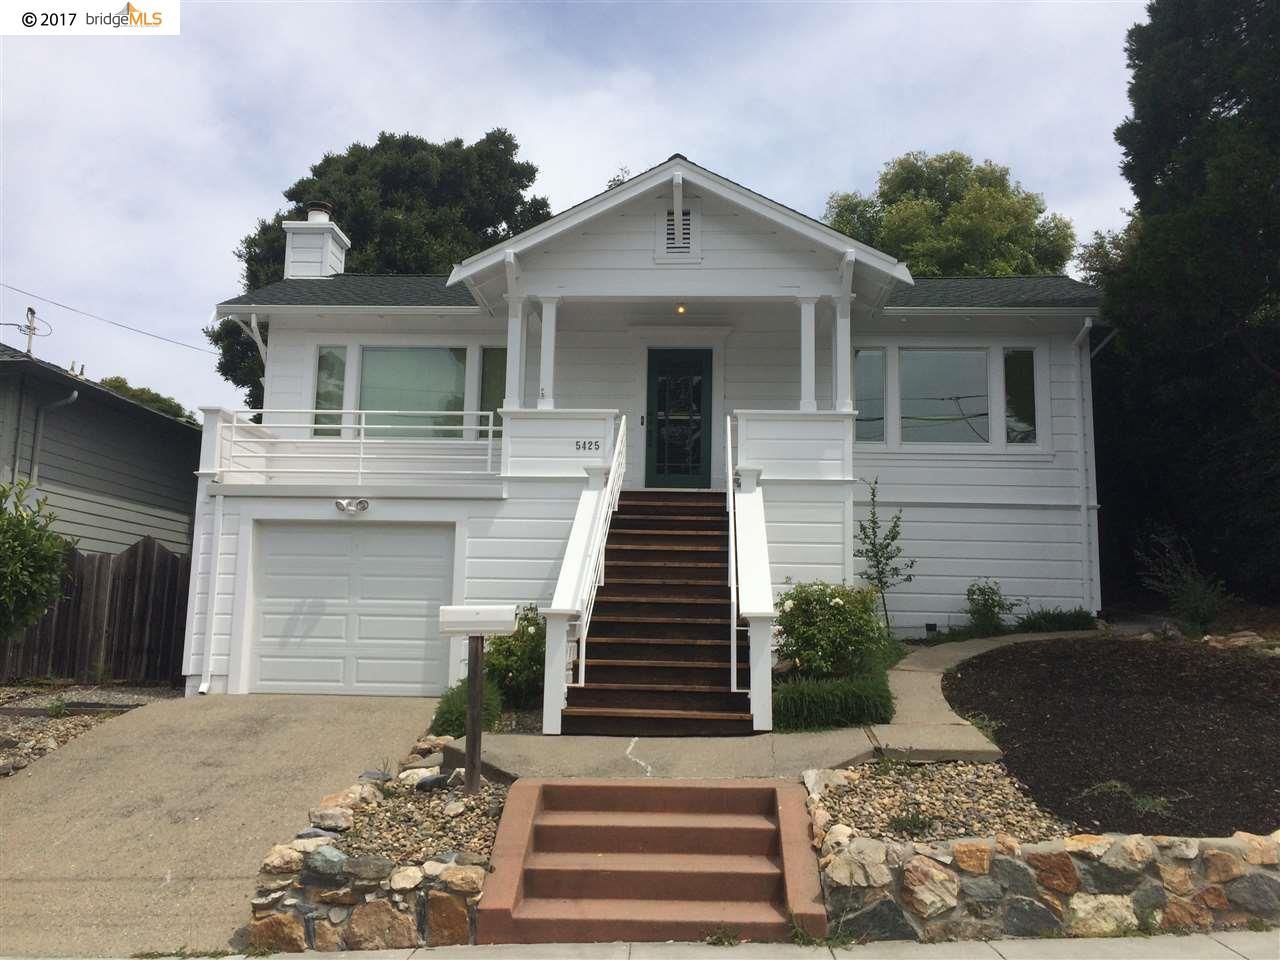 一戸建て のために 賃貸 アット 5425 Zara Avenue El Cerrito, カリフォルニア 94530 アメリカ合衆国